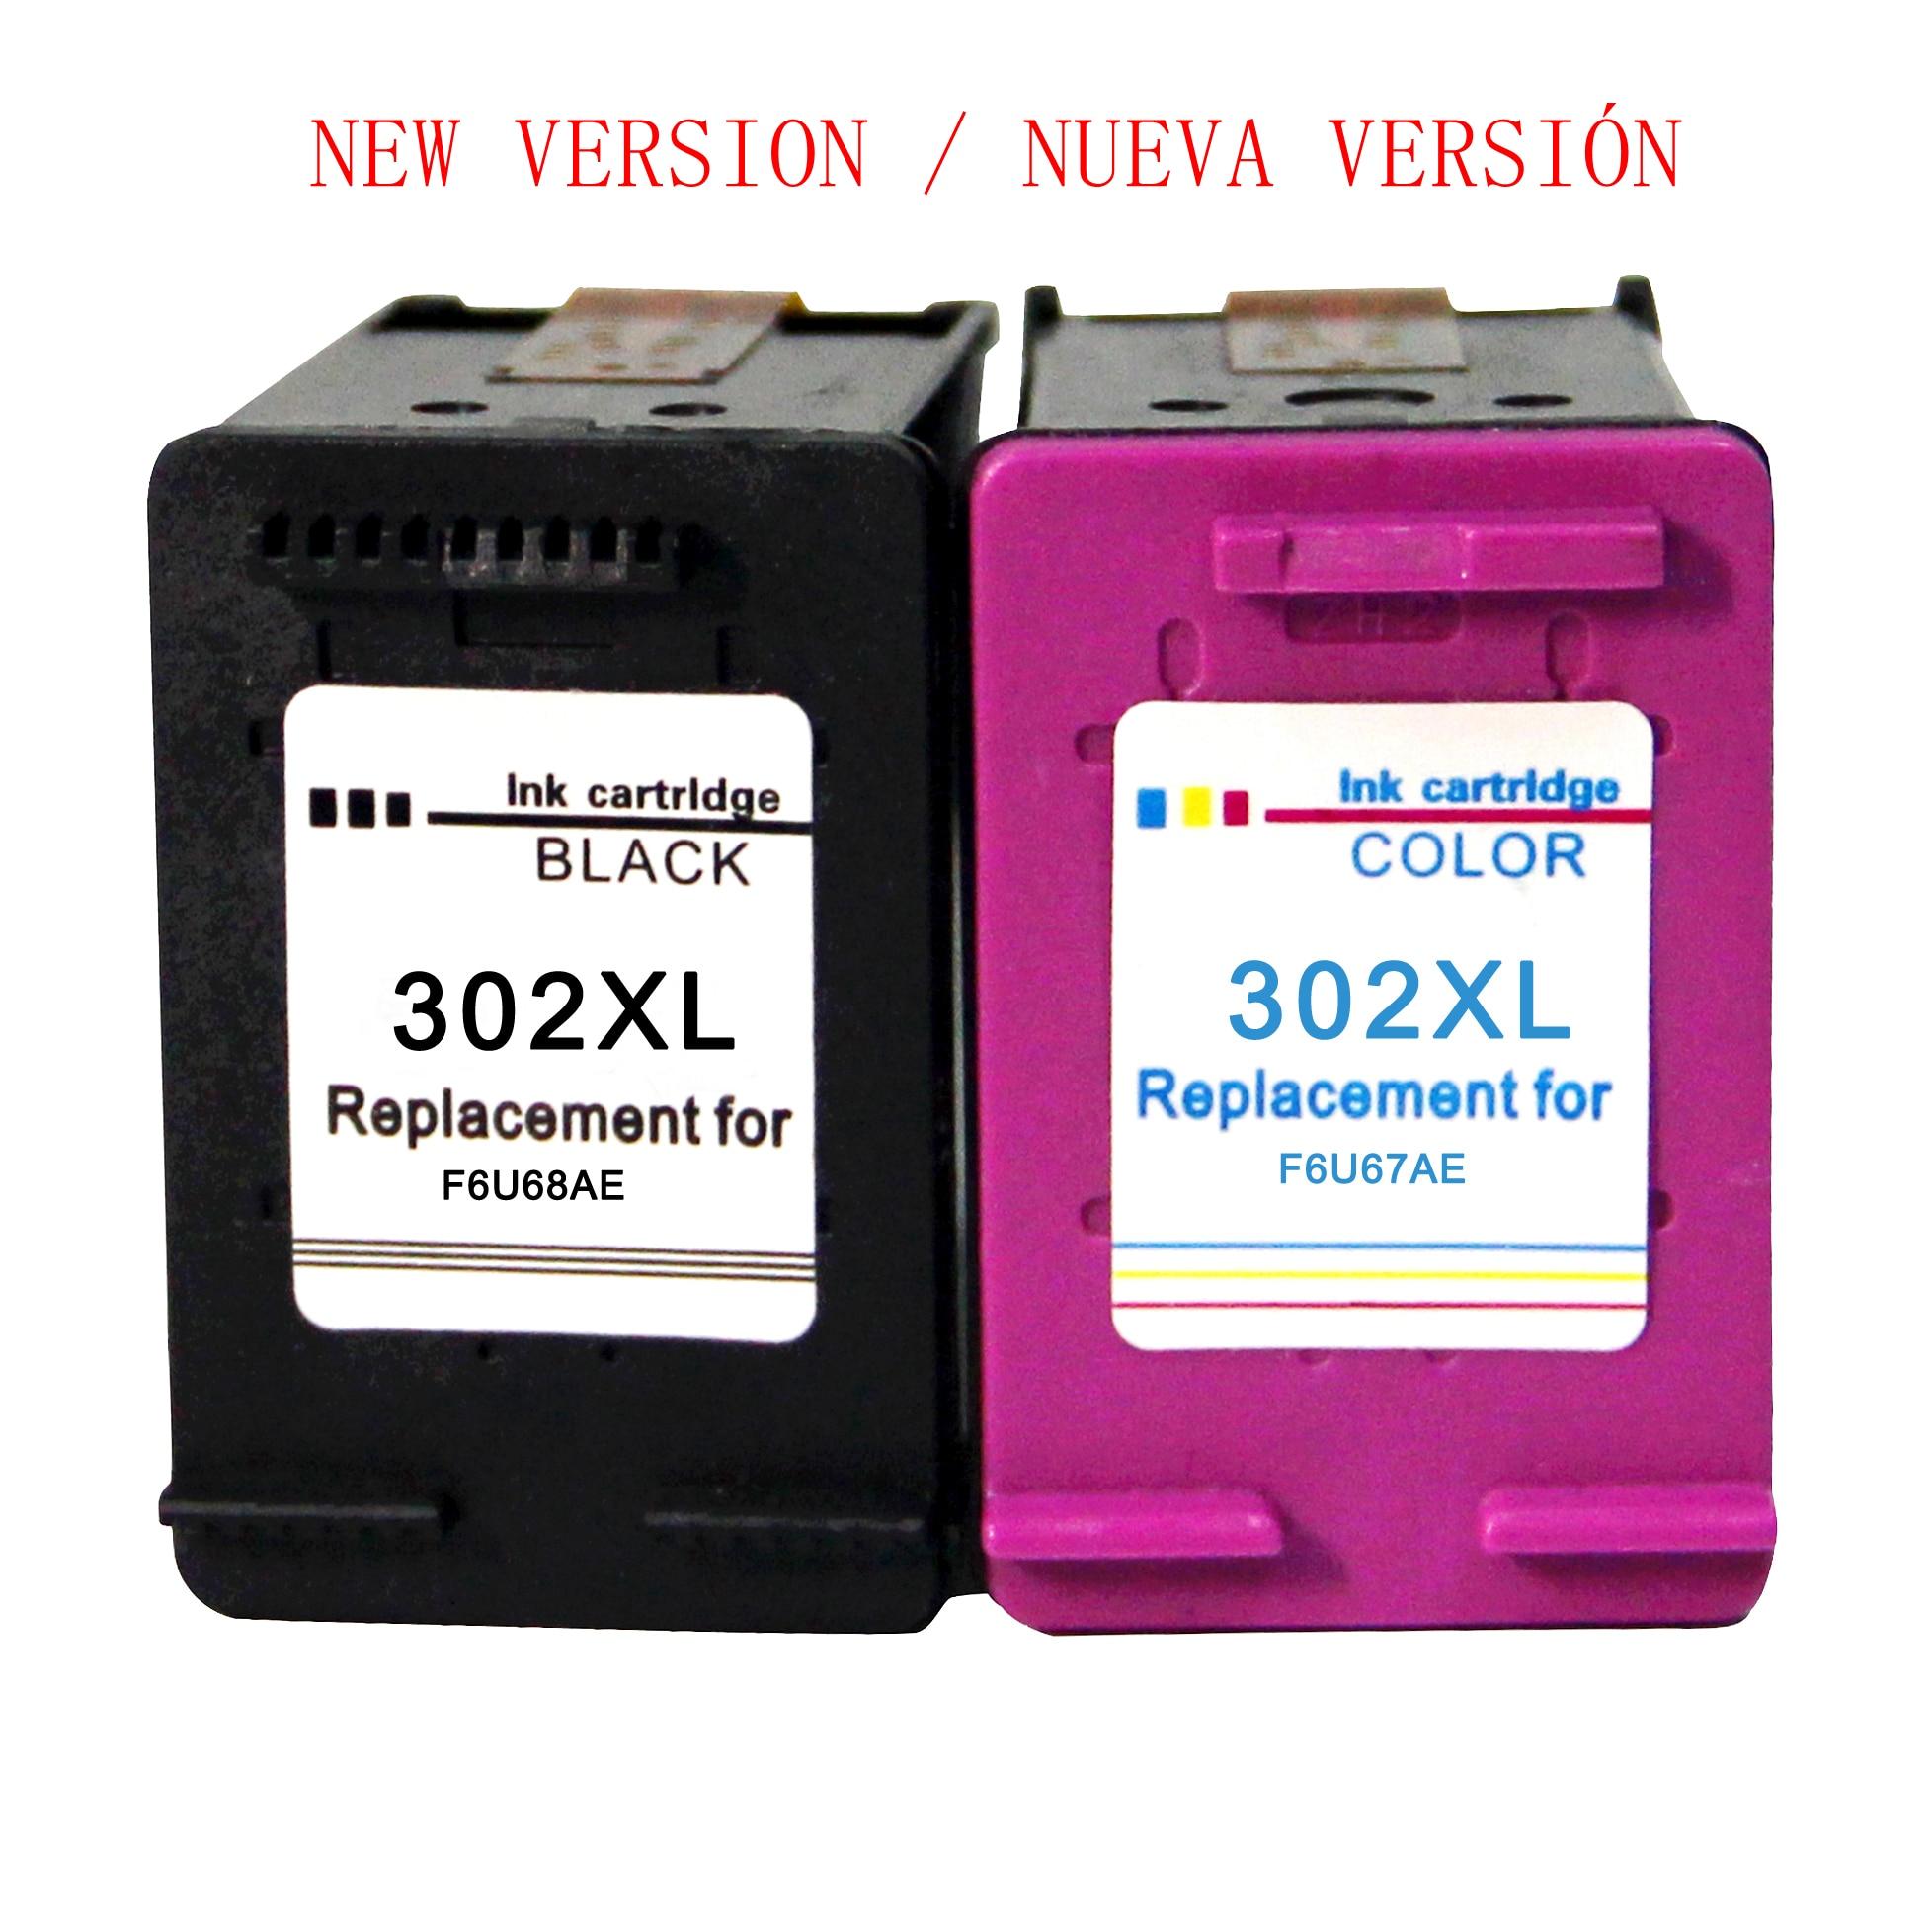 Compatibile 302XL Cartucce di inchiostro per HP 302 per HP OfficeJet 5220 5222 5230 5232 3831 3833 Envy 4520 deskJet 4524 3639